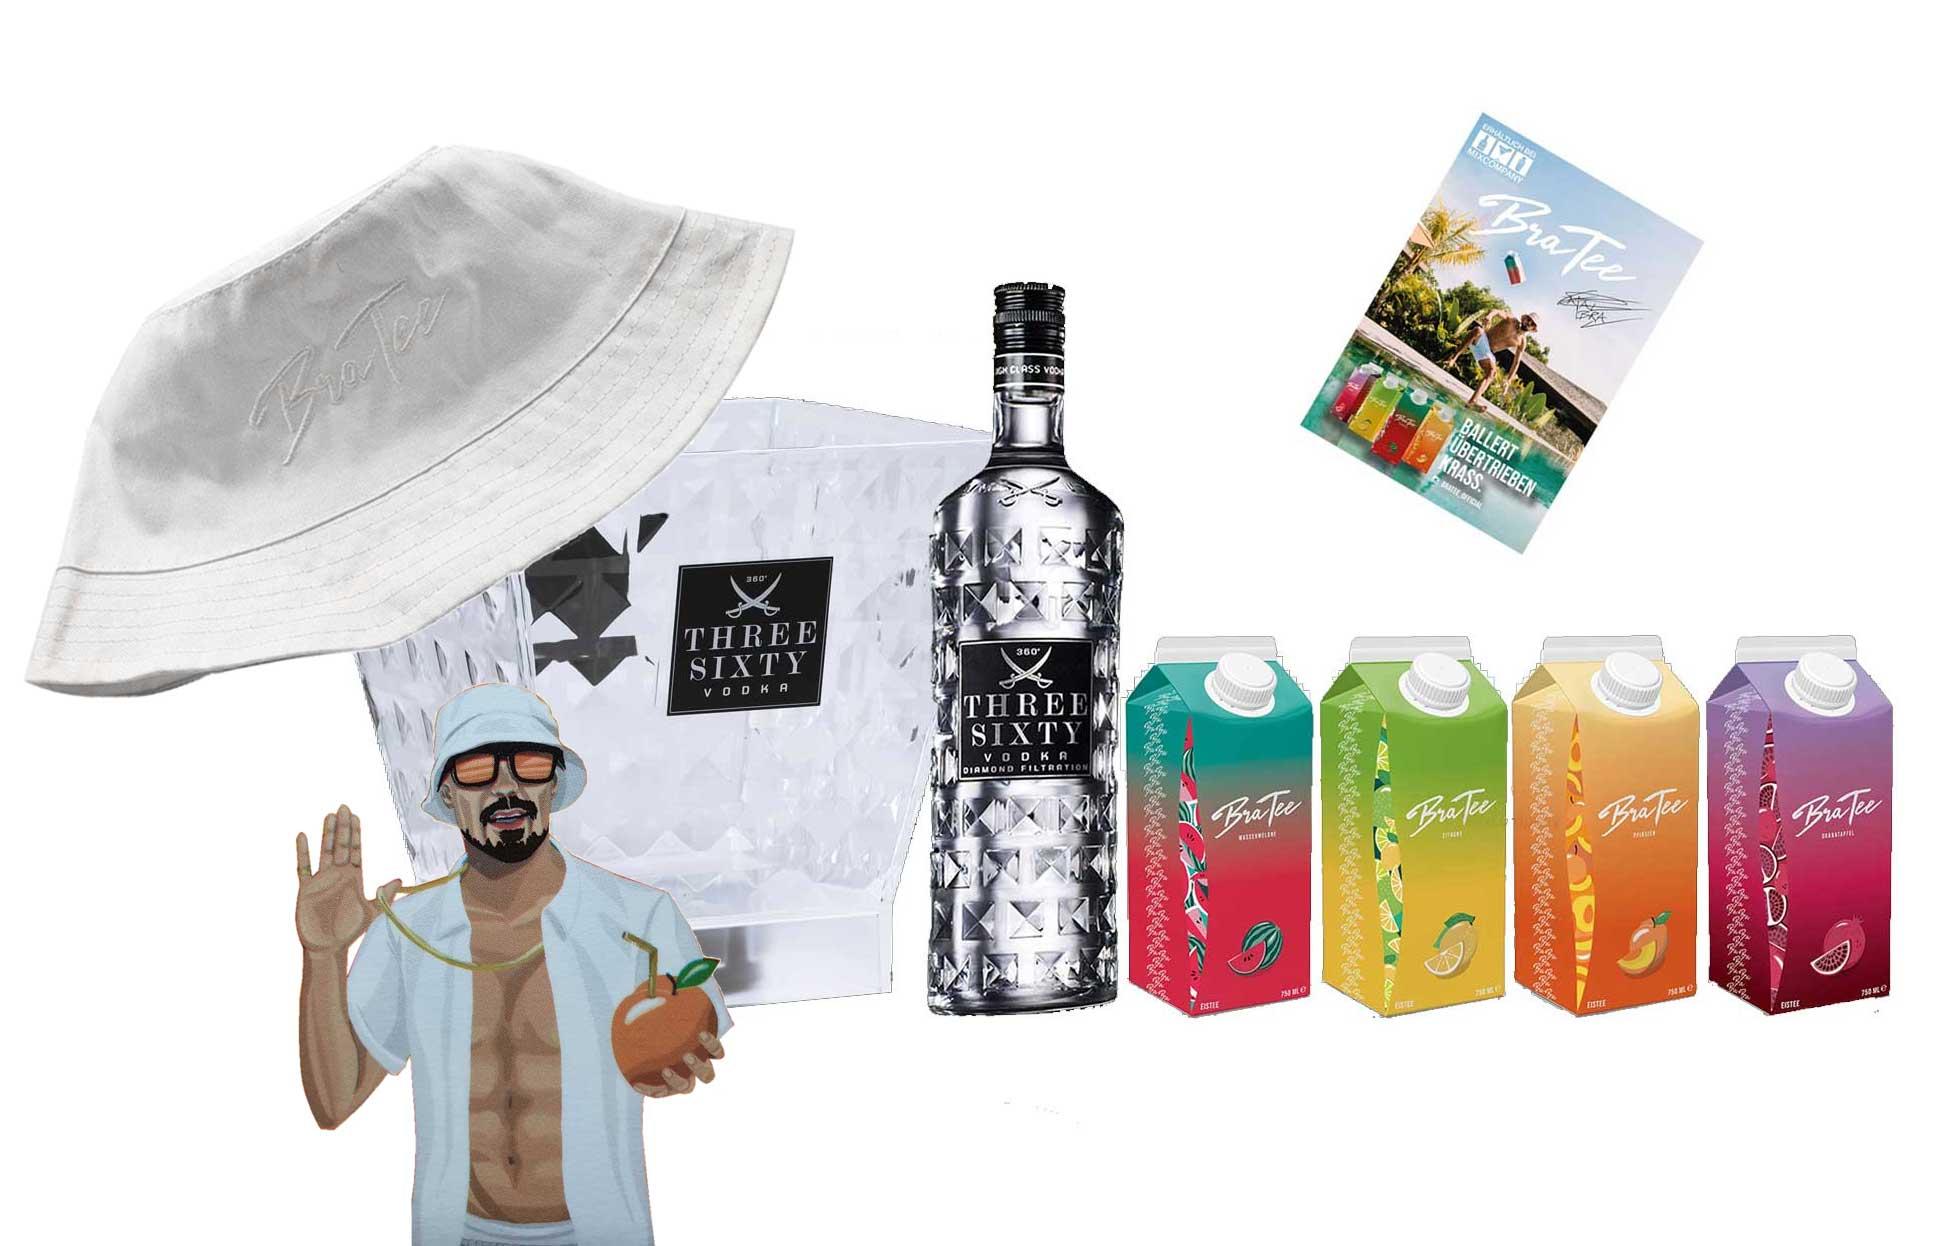 Three Sixty Set Vodka 0,7L (37,5% Vol) mit LED Eisbox und Capital BraTee 4er Tasting Set + Hut + Autogrammkarte BRATEE Eistee je 750ml BRATEE Ice tea Wassermelone Zitrone Pfirsich Granatapfel - [Enthält Sulfite]